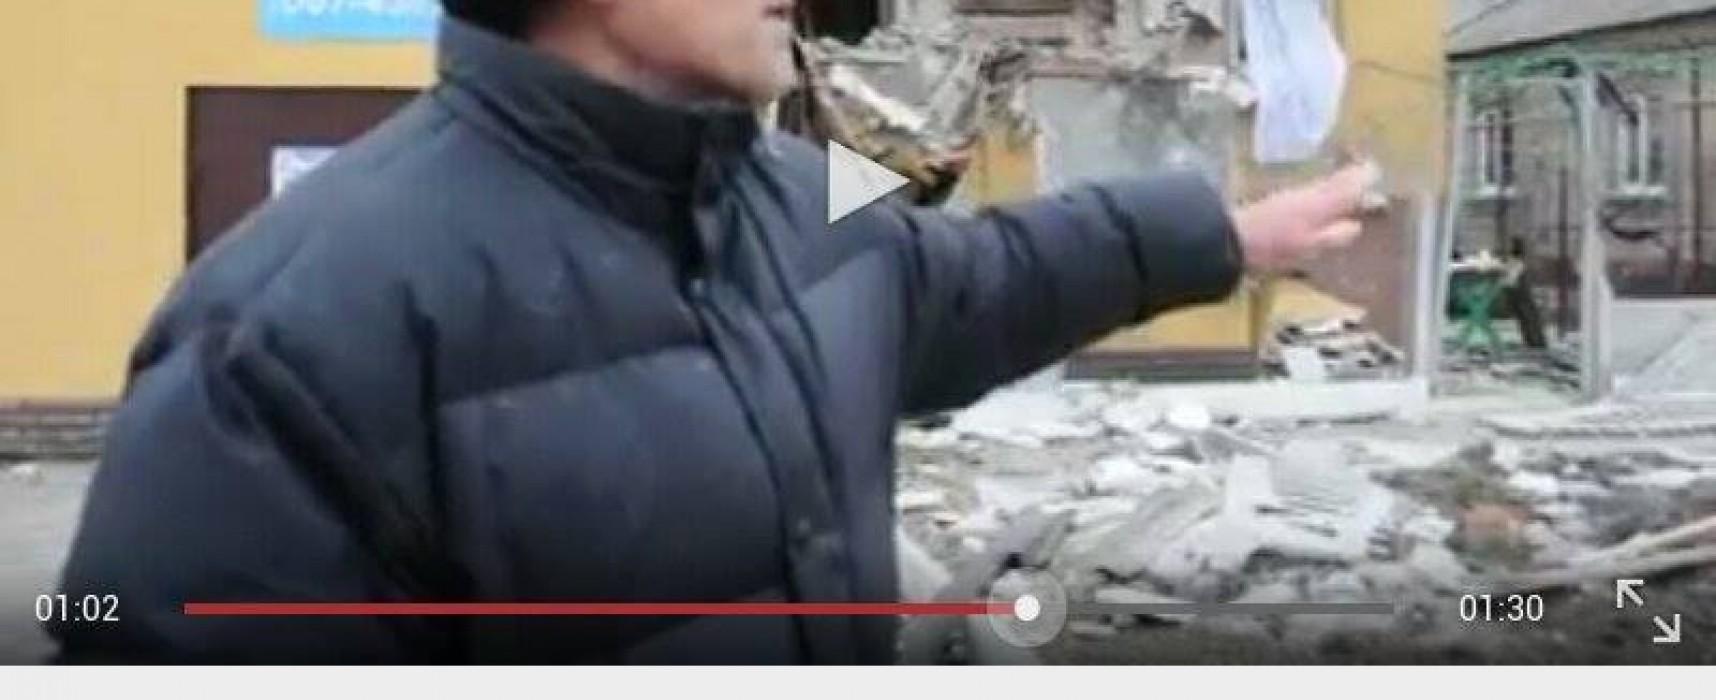 Фейк: Житель Мариуполя покрывает ВСУ, указывая ложное направление обстрела